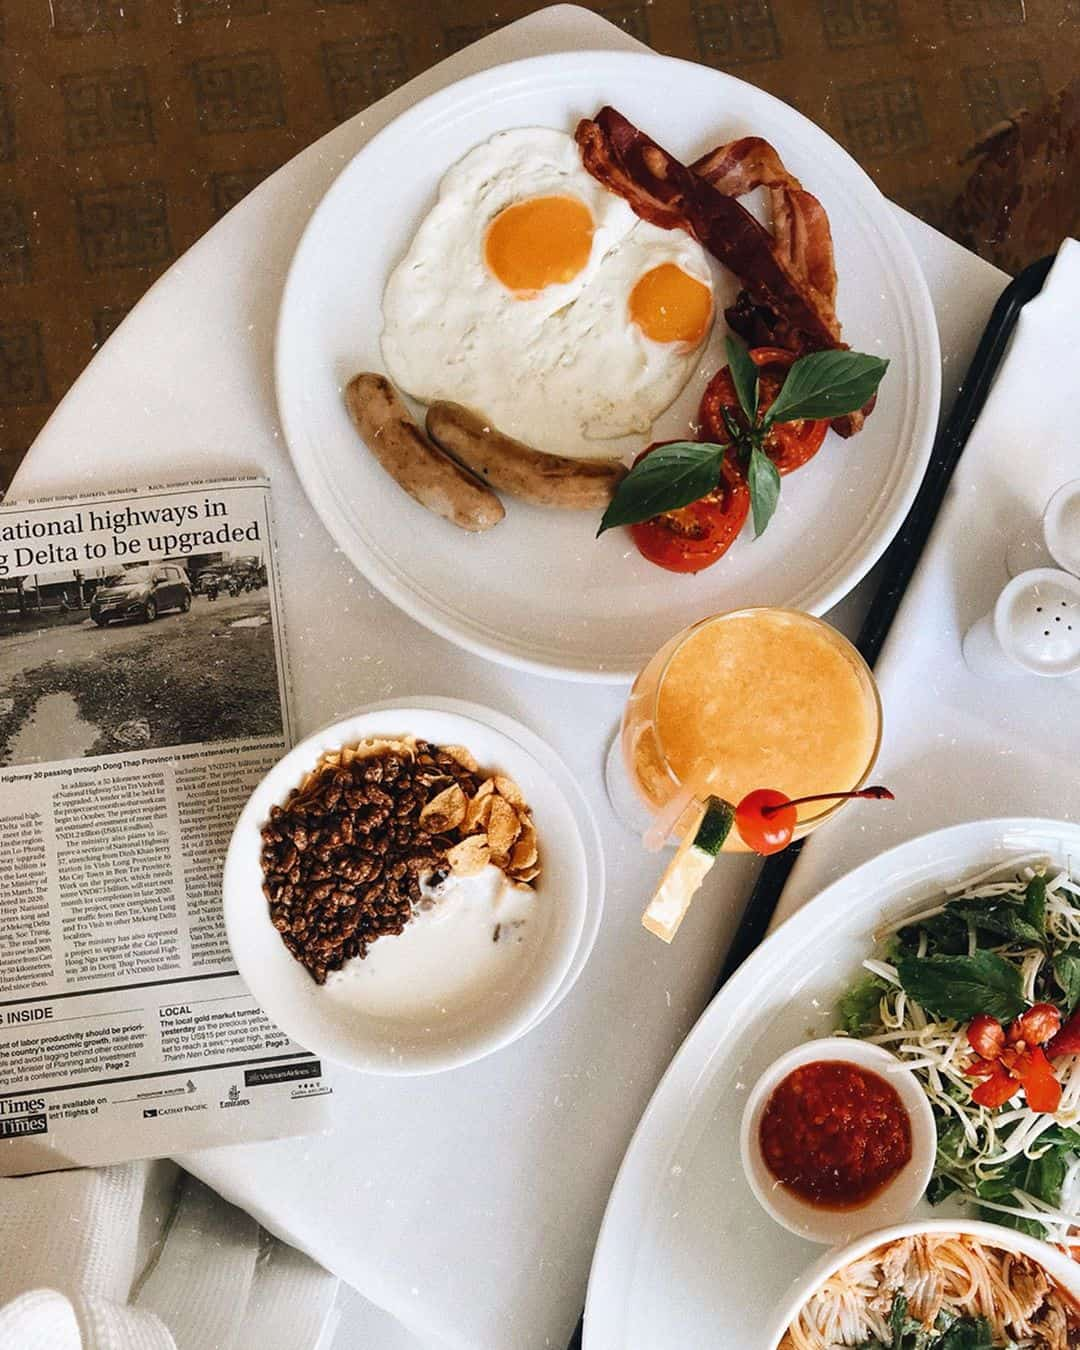 Bữa sáng tại Indochine Palace. Hình: @Hueandsuntravel